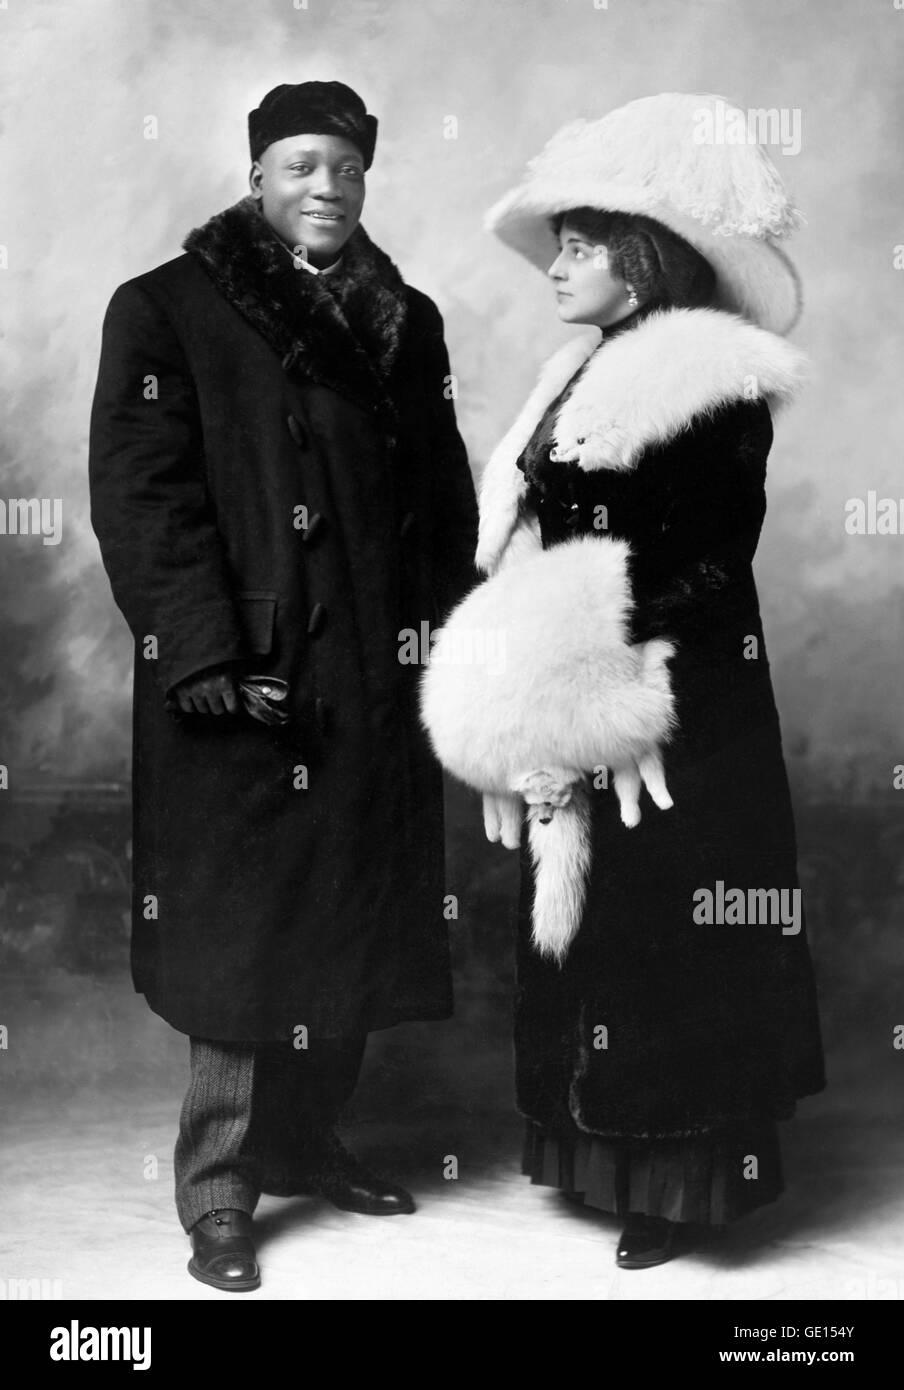 Jack Johnson, boxeur poids lourd. Portrait de John Arthur 'Jack' Johnson (1878-1946), avec son épouse Photo Stock